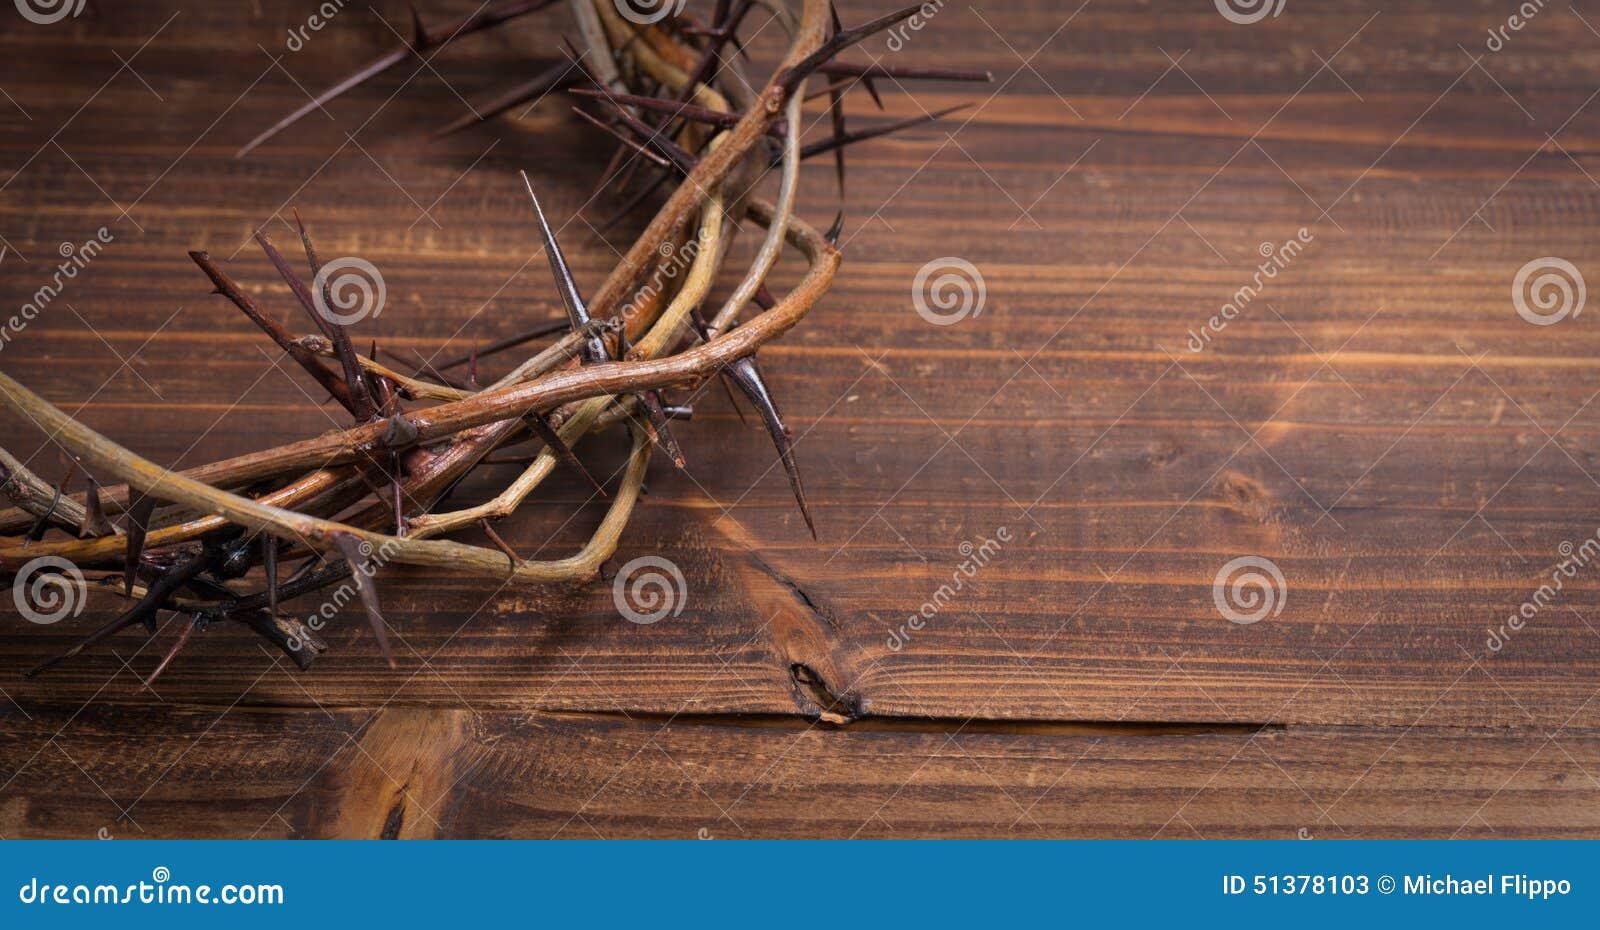 Kroon van doornen op een houten achtergrond - Pasen